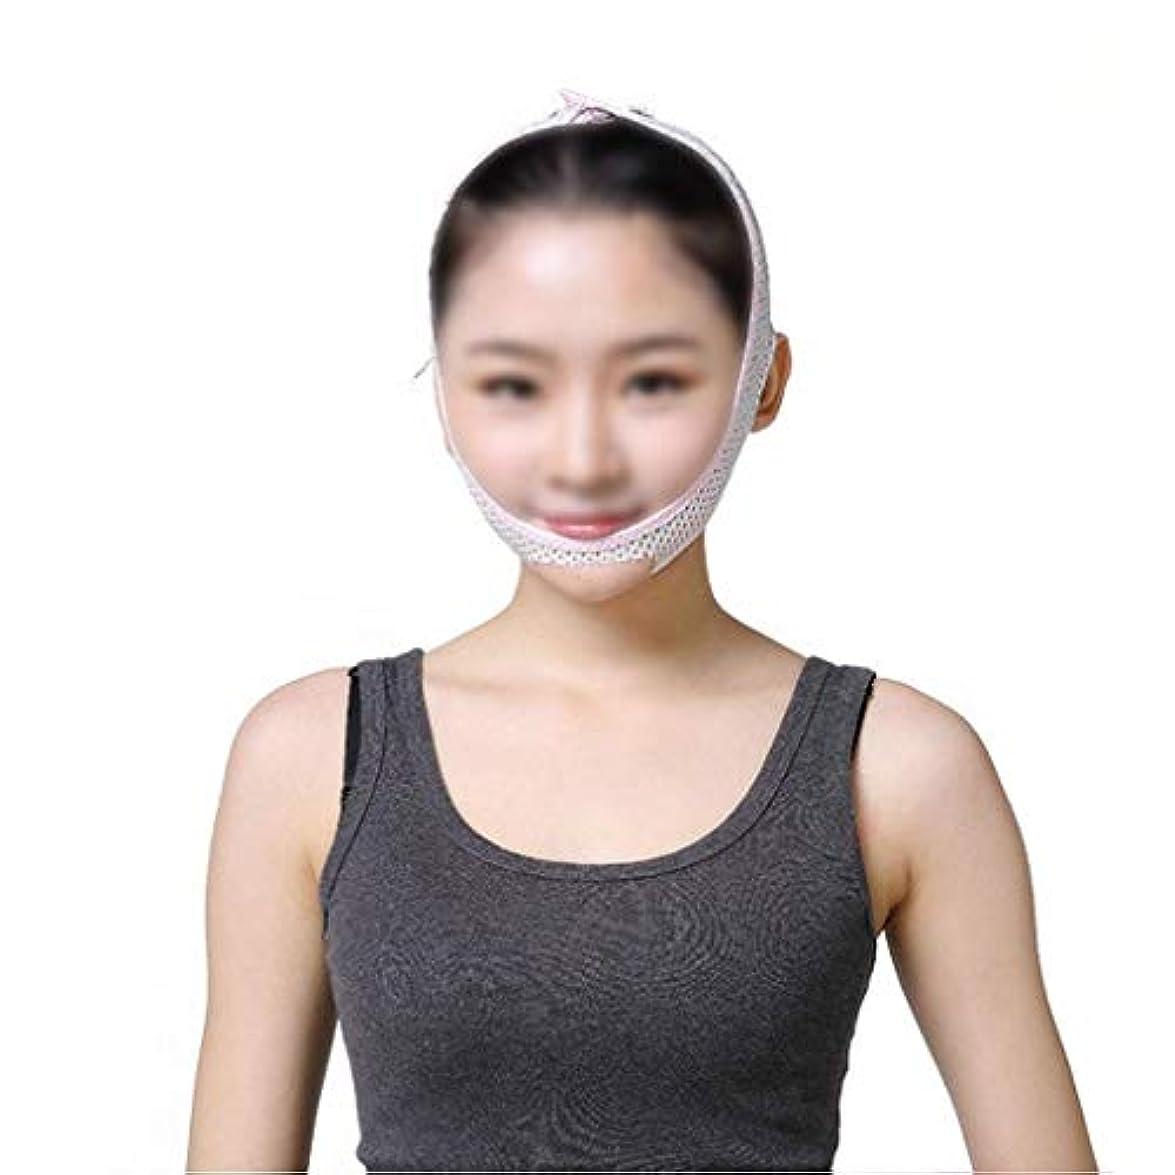 二十応答激怒フェイスリフティングマスク、快適で リフティングスキンファーミングスリープシンフェイスアーティファクトアンチリンクル/リムーブダブルチン/術後回復マスク(サイズ:M)